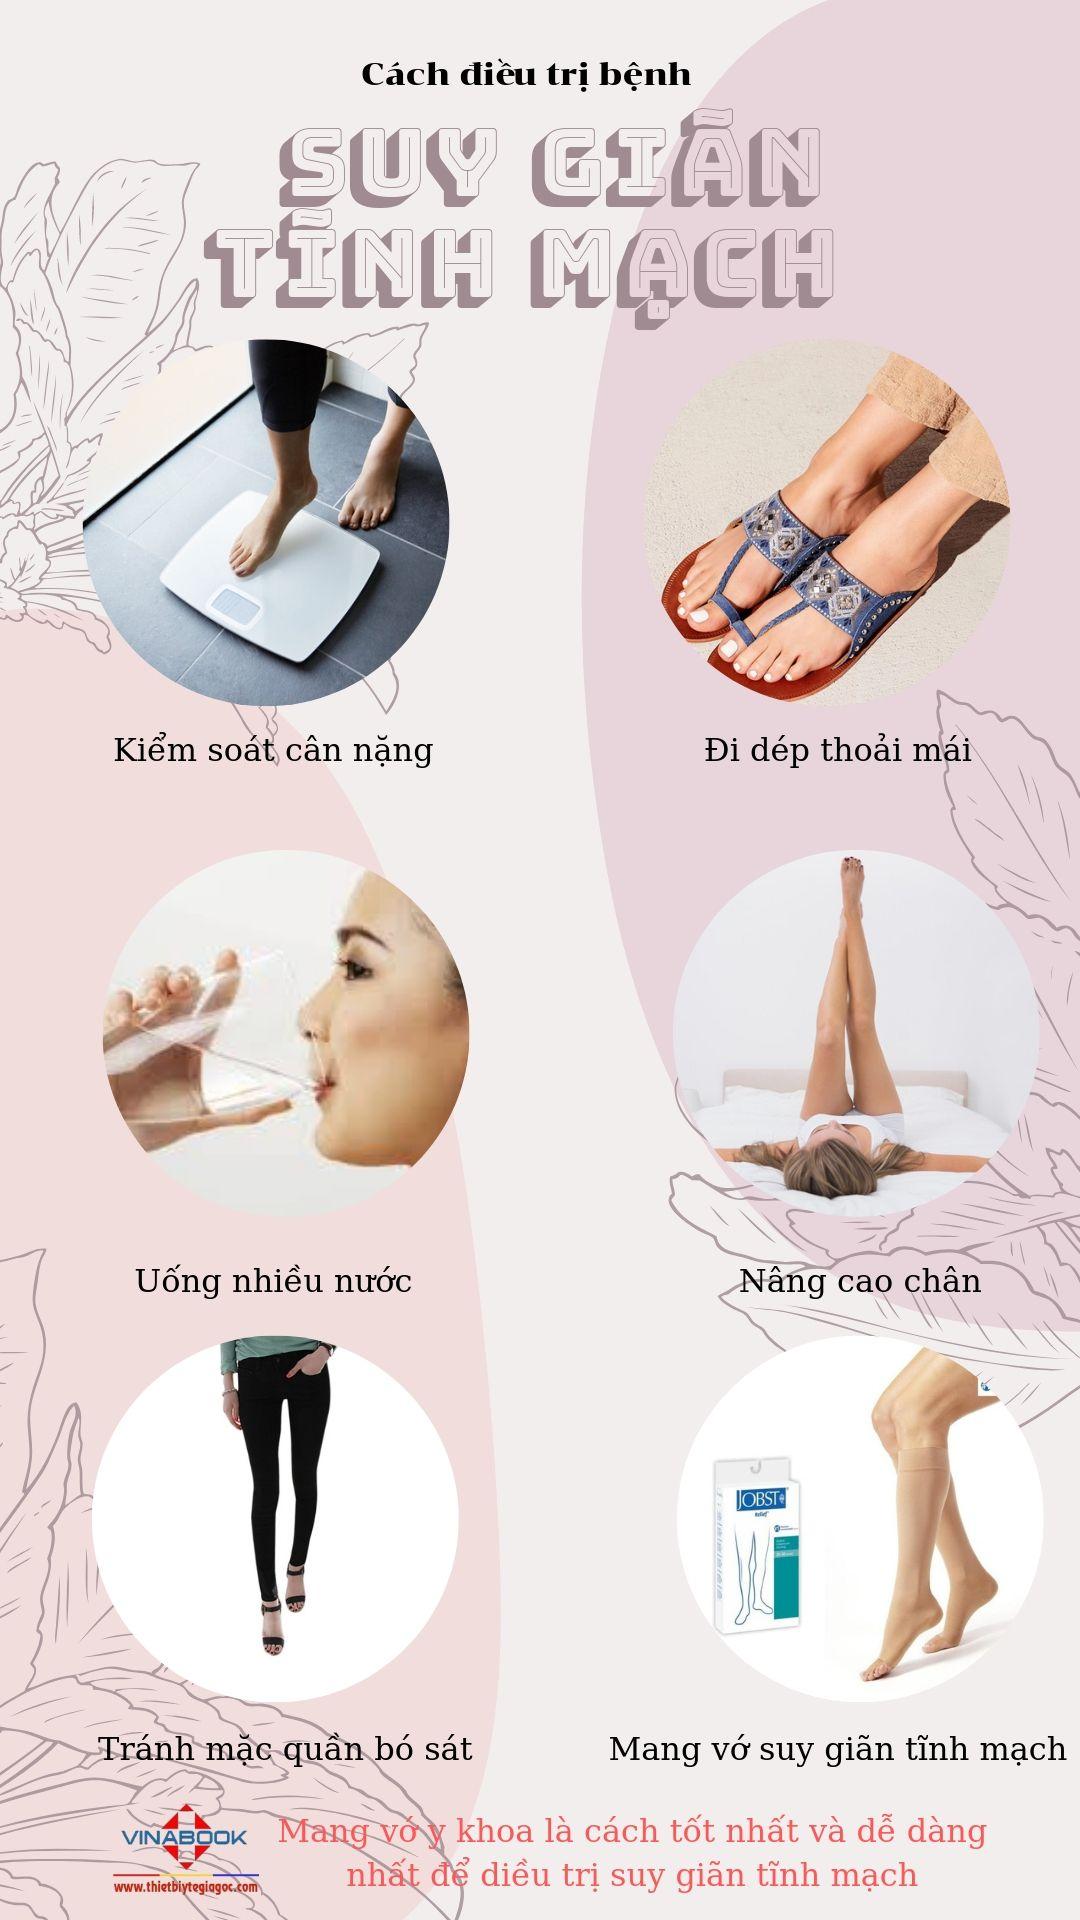 Cách điều trị bệnh suy giãn tĩnh mạch